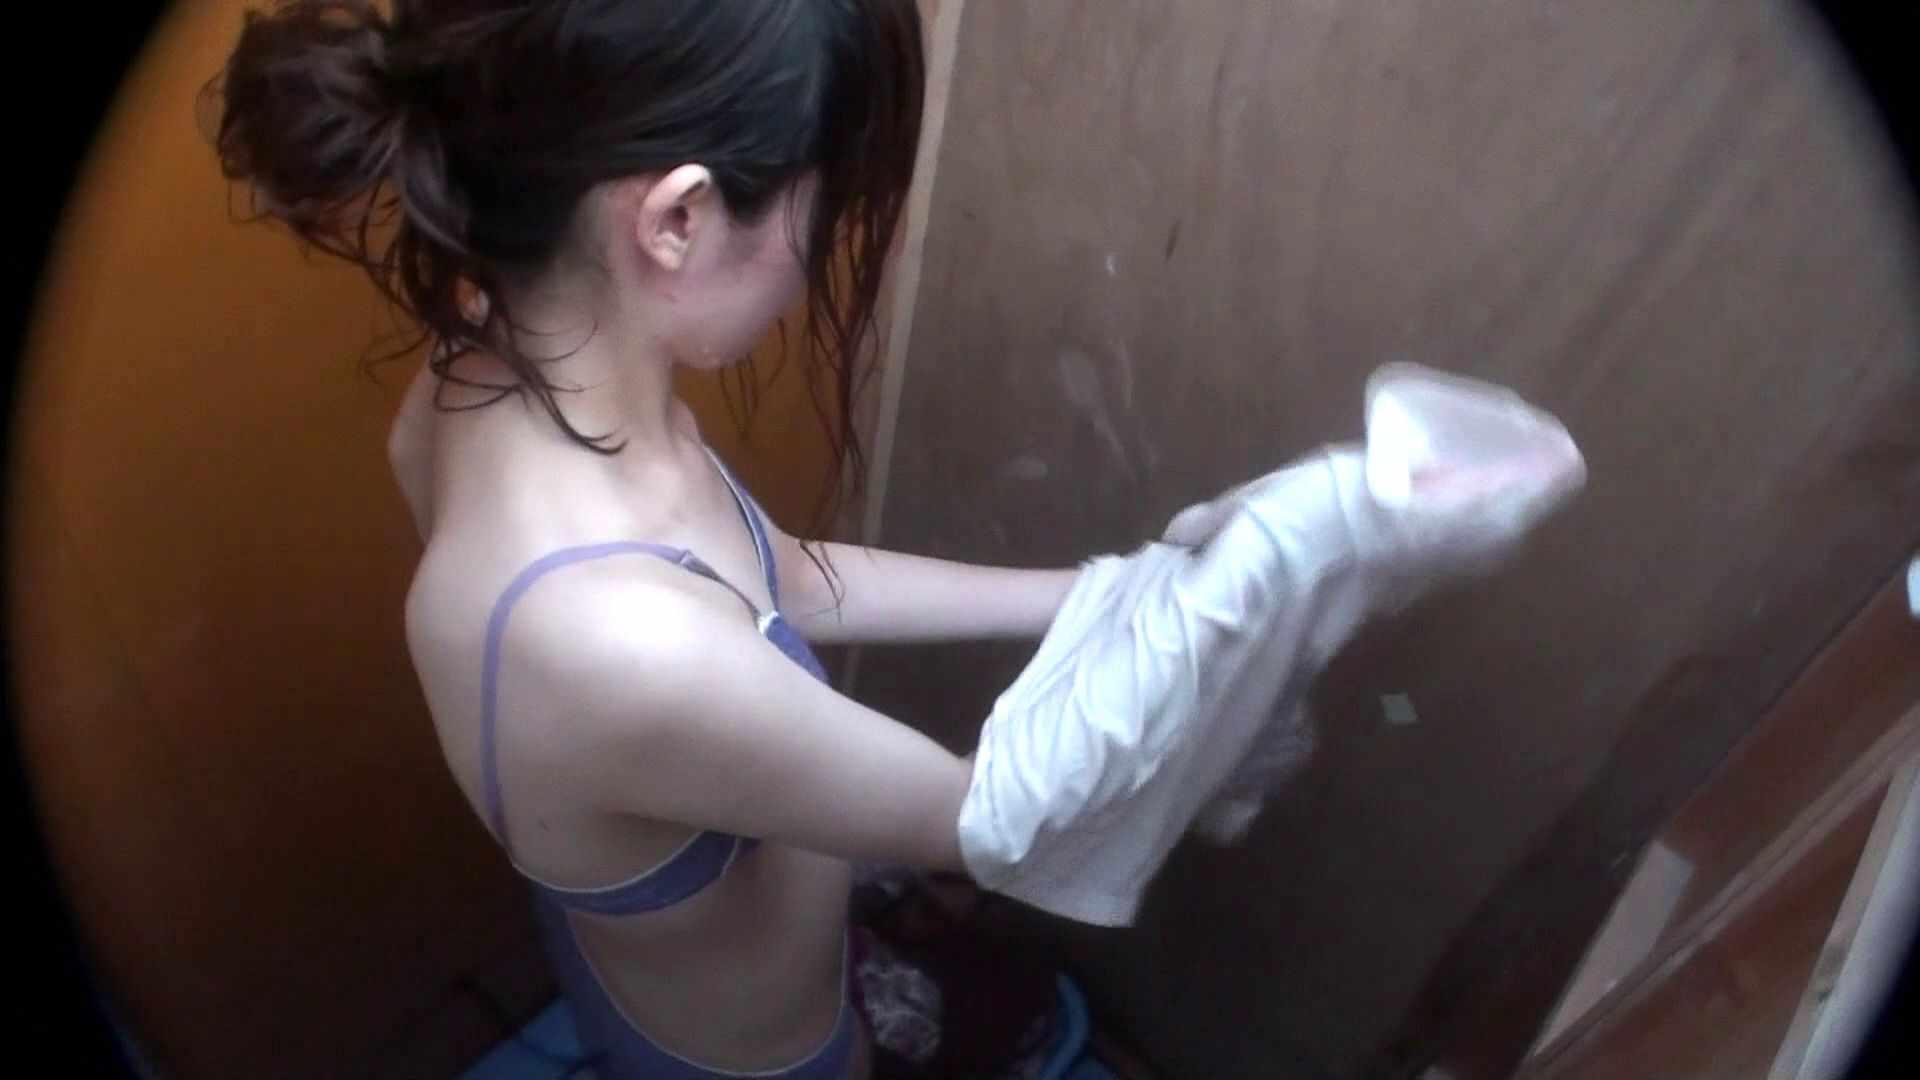 シャワールームは超!!危険な香りVol.29 こっちを向いて欲しい貧乳姉さん シャワー セックス画像 67PICs 63